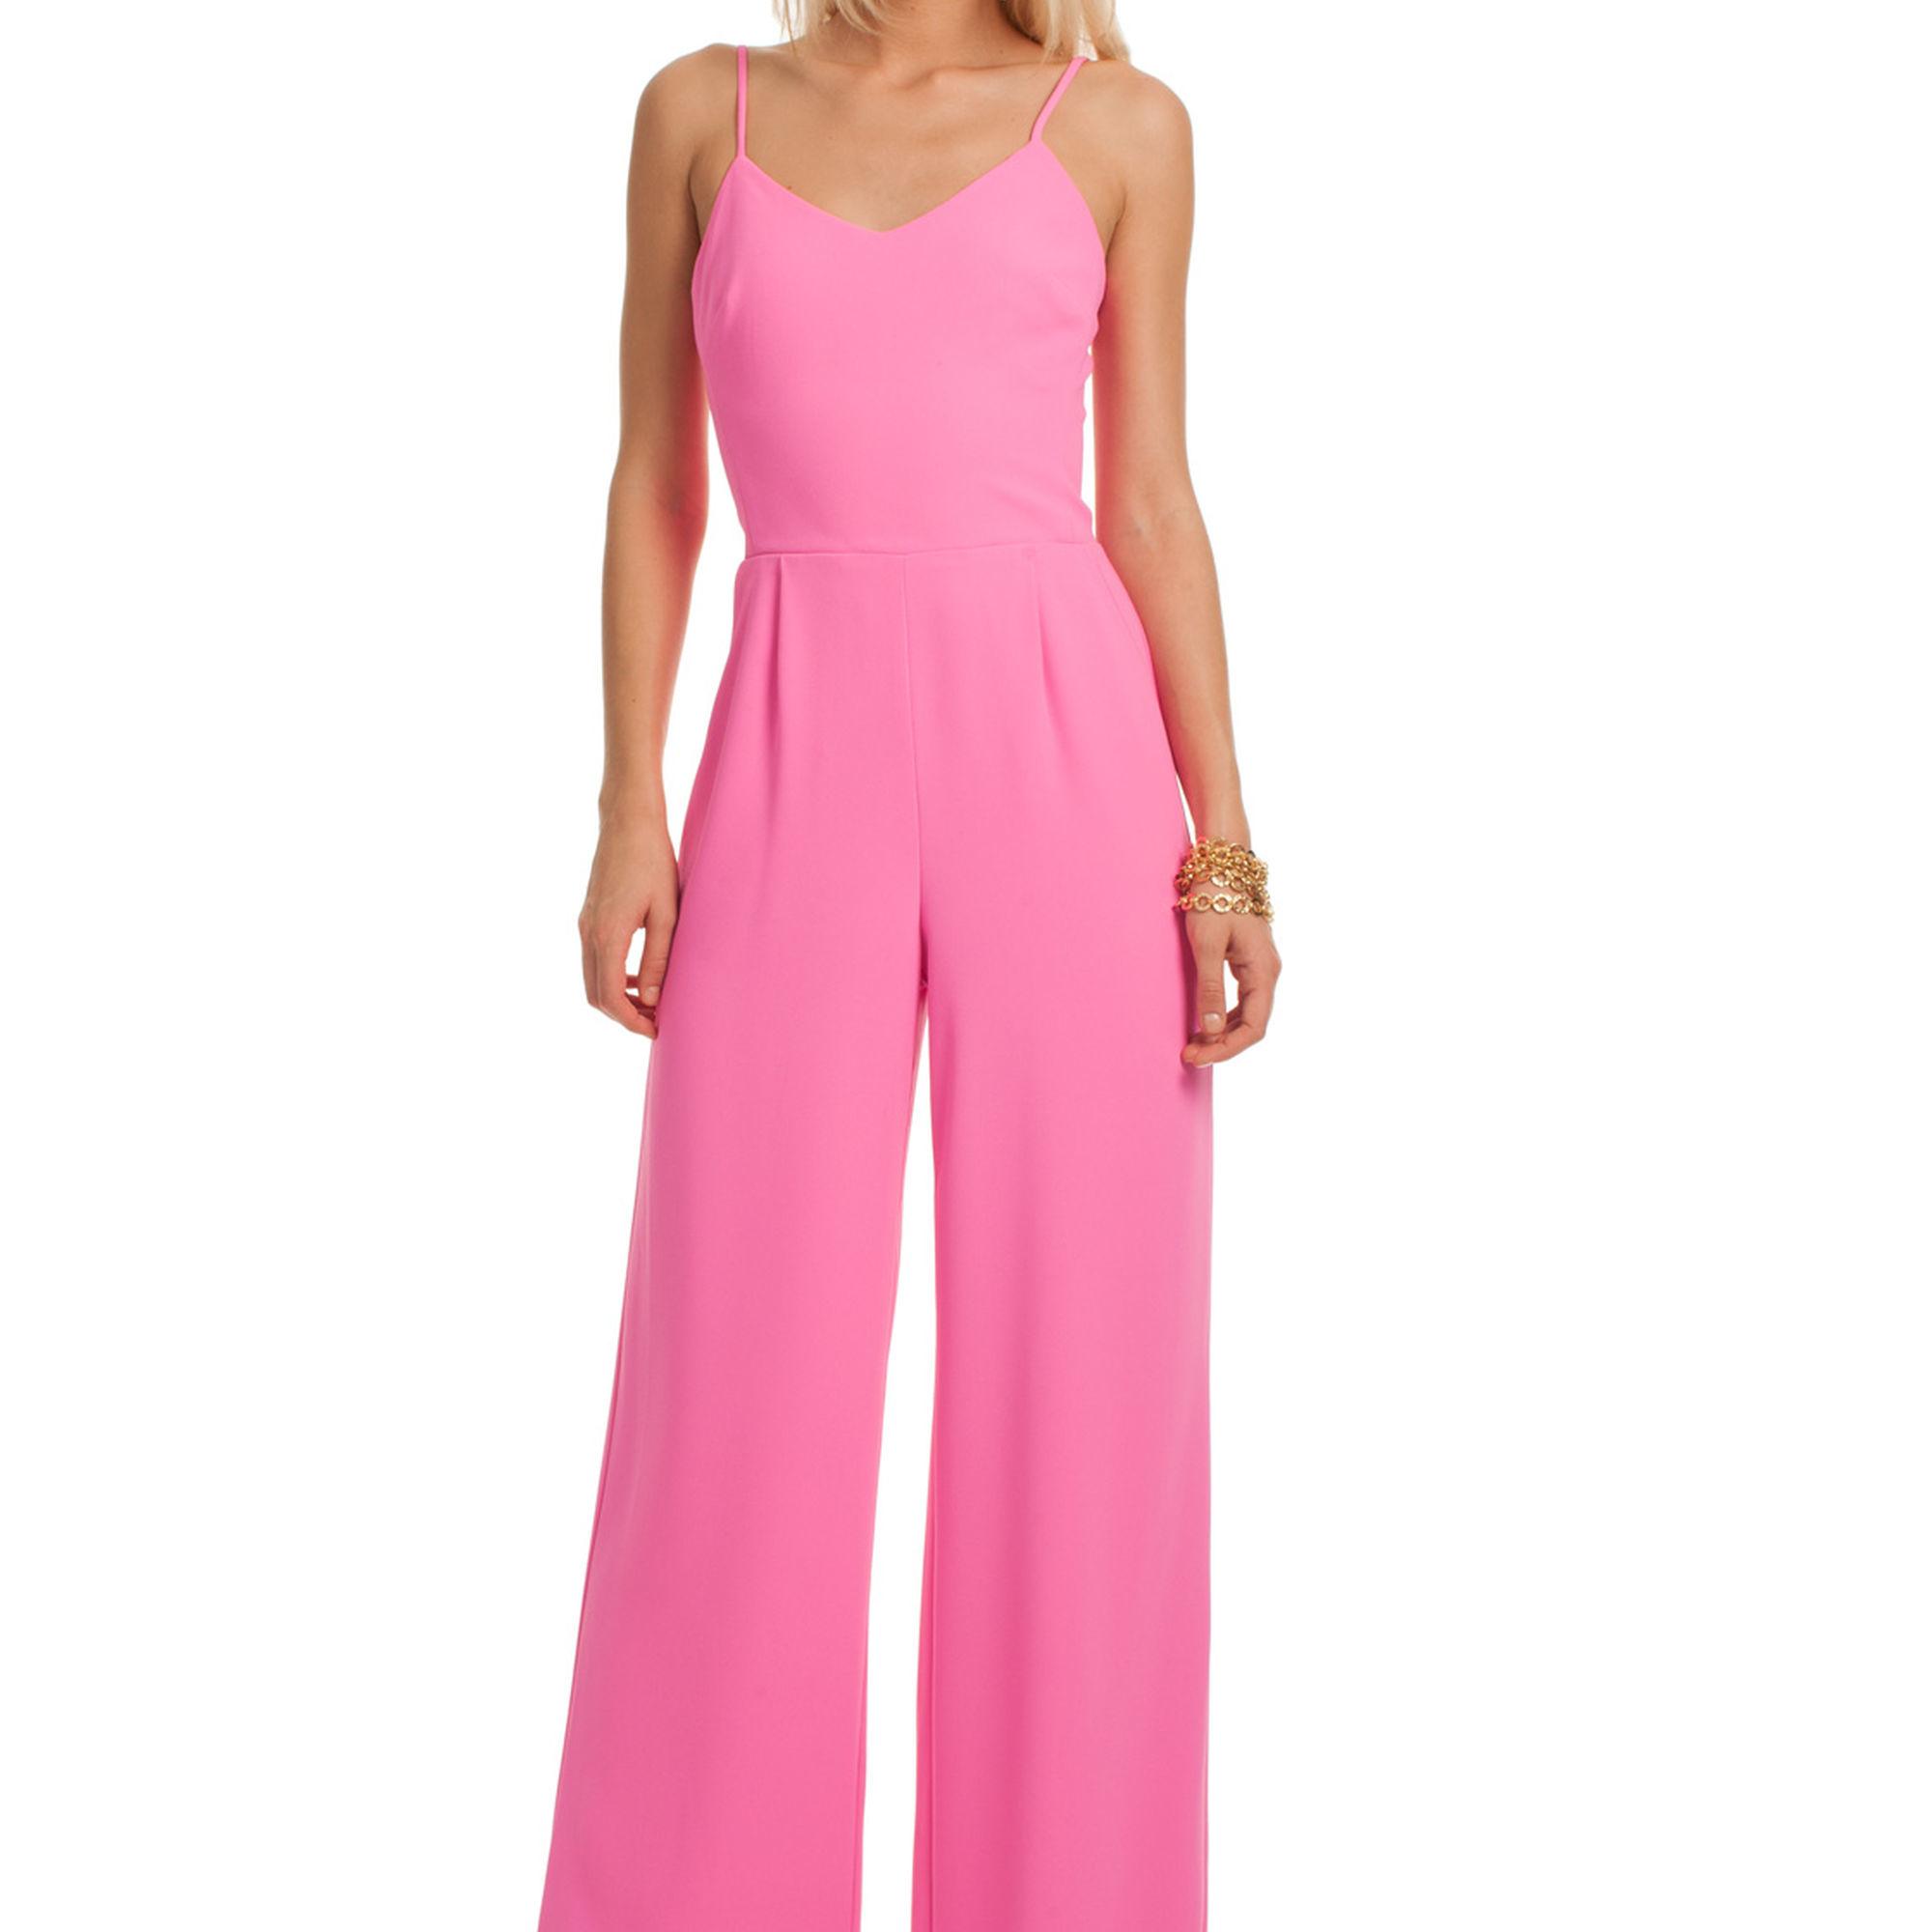 2f1779bb7d37 Lyst - Trina Turk Zadie Crepe Jumpsuit in Pink